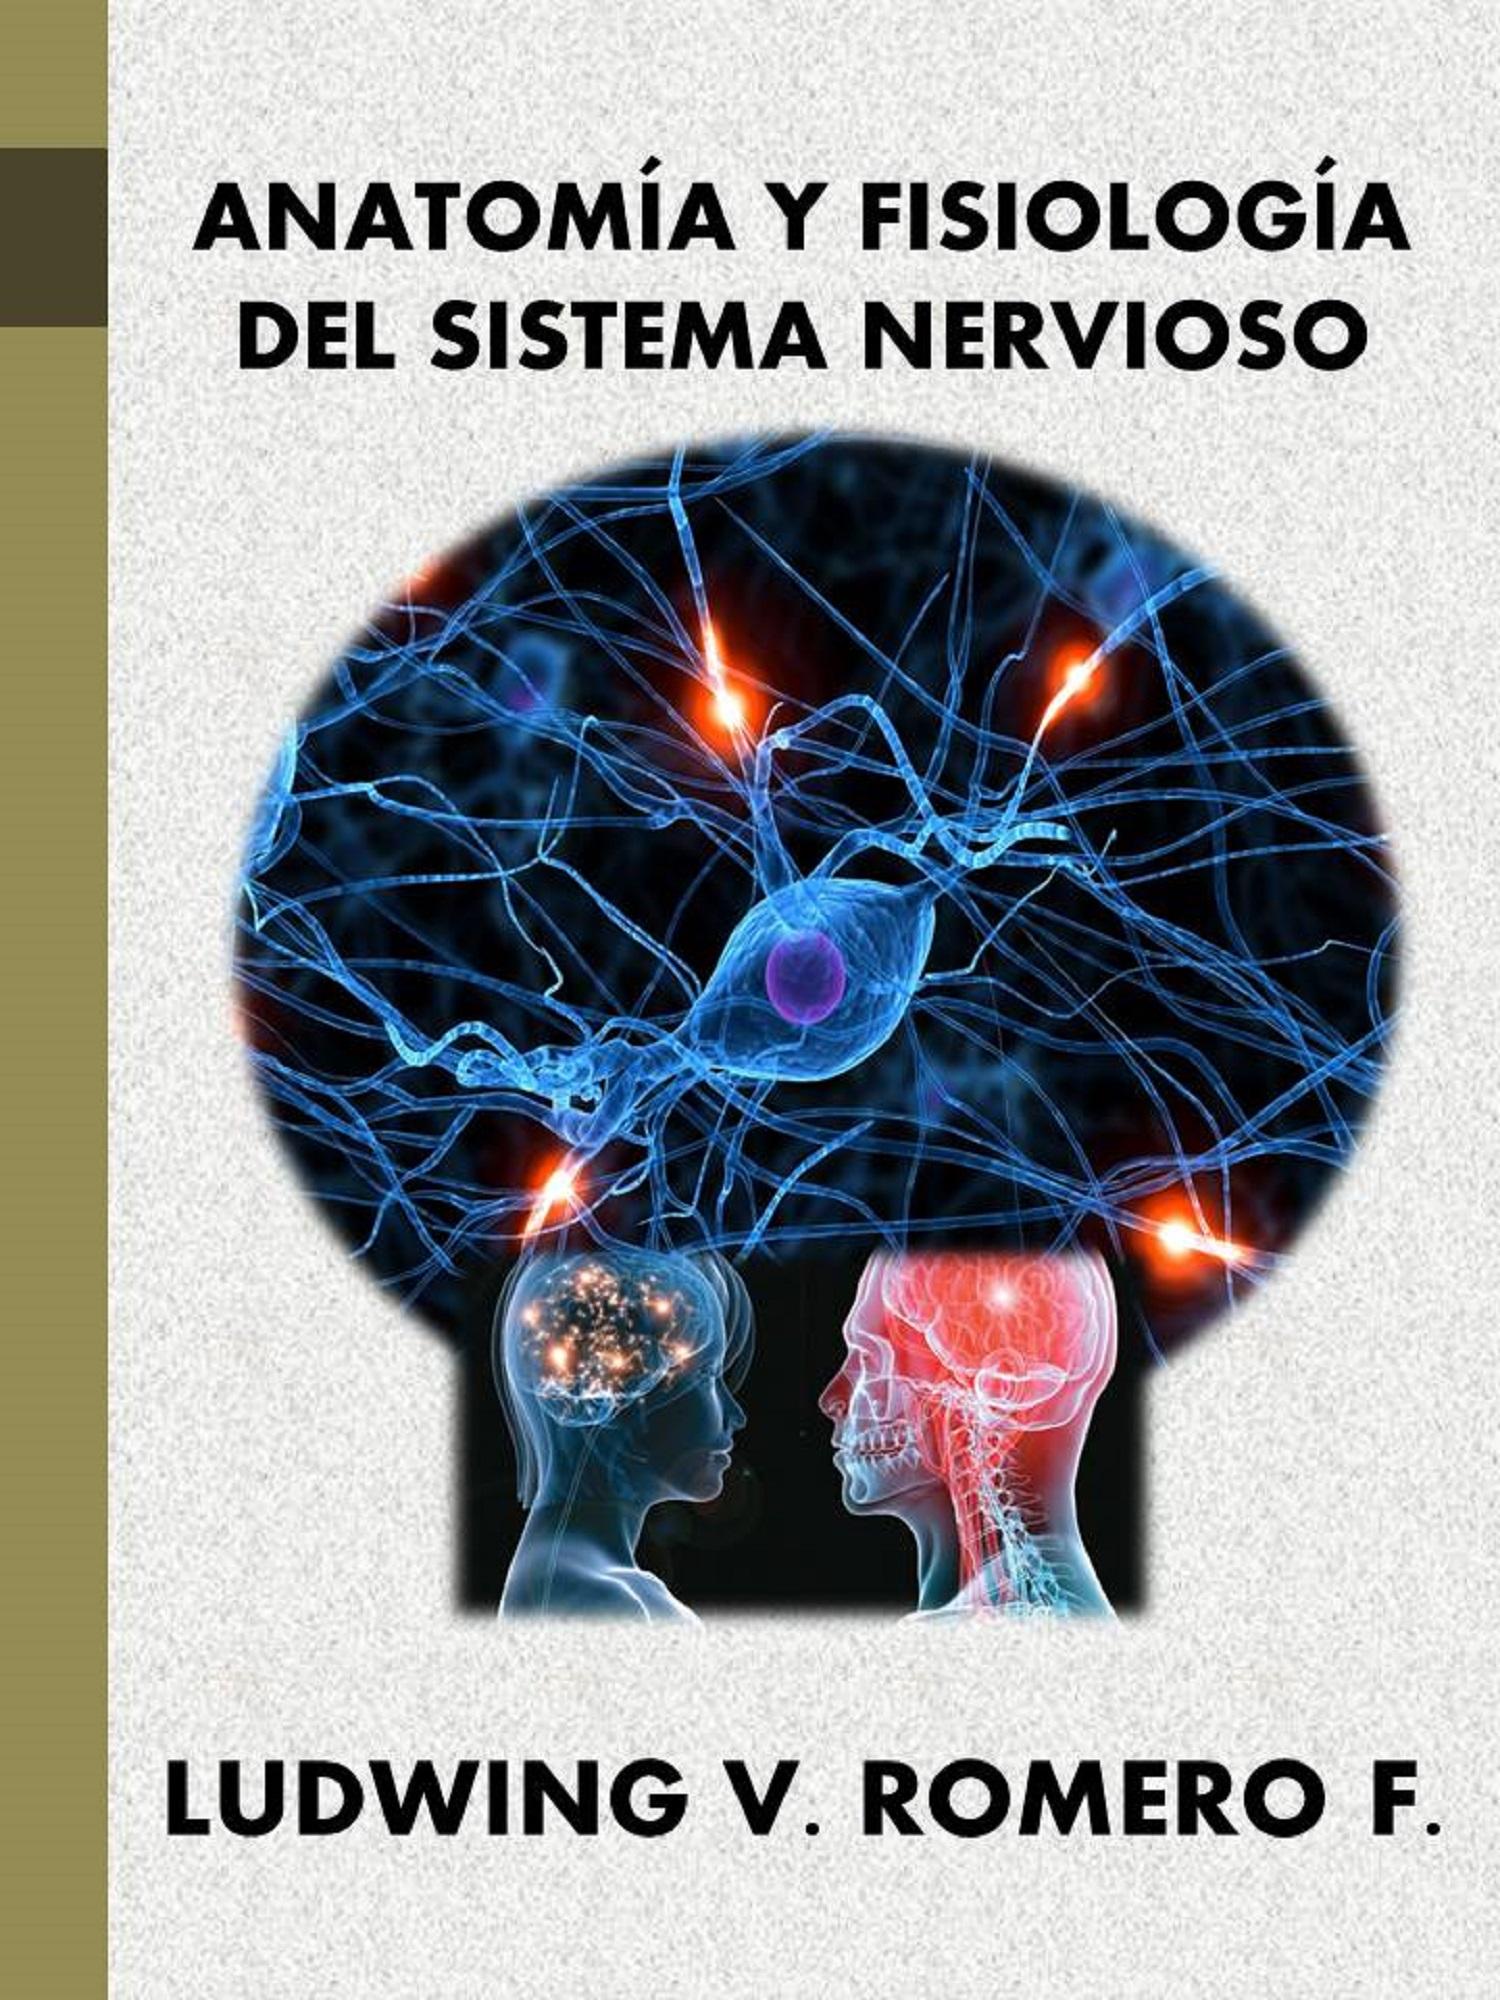 Anatomía y Fisiología del Sistema Nervioso – The Little French\'s ...